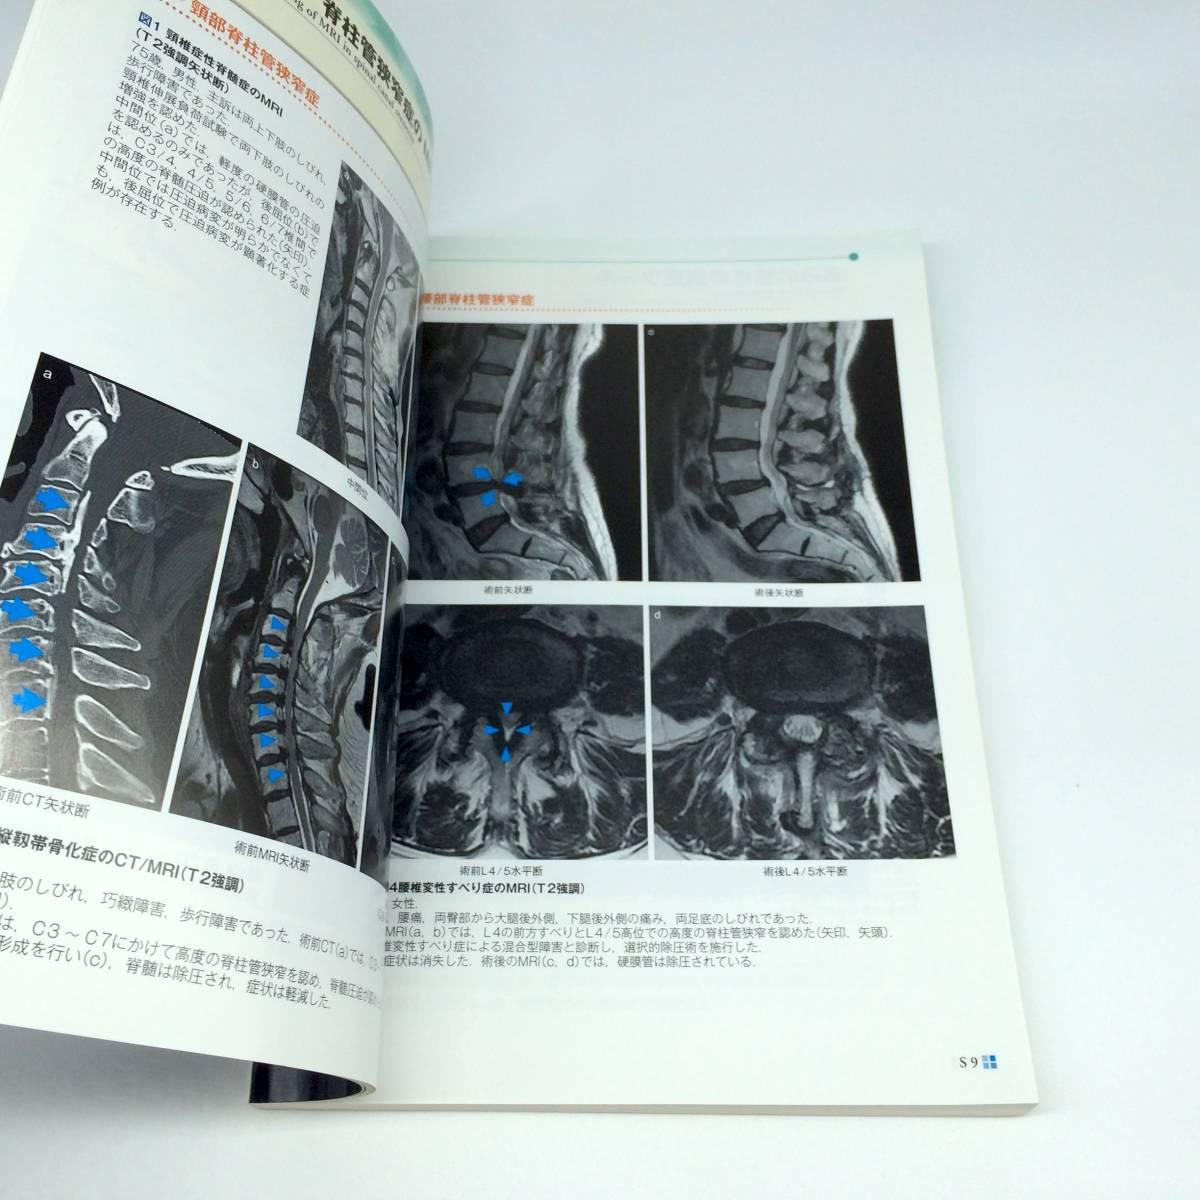 痛みのマネジメント update 基礎知識から緩和ケアまで 生涯教育シリーズ 86 日本医師会雑誌 第143巻 特別号(1)_画像4